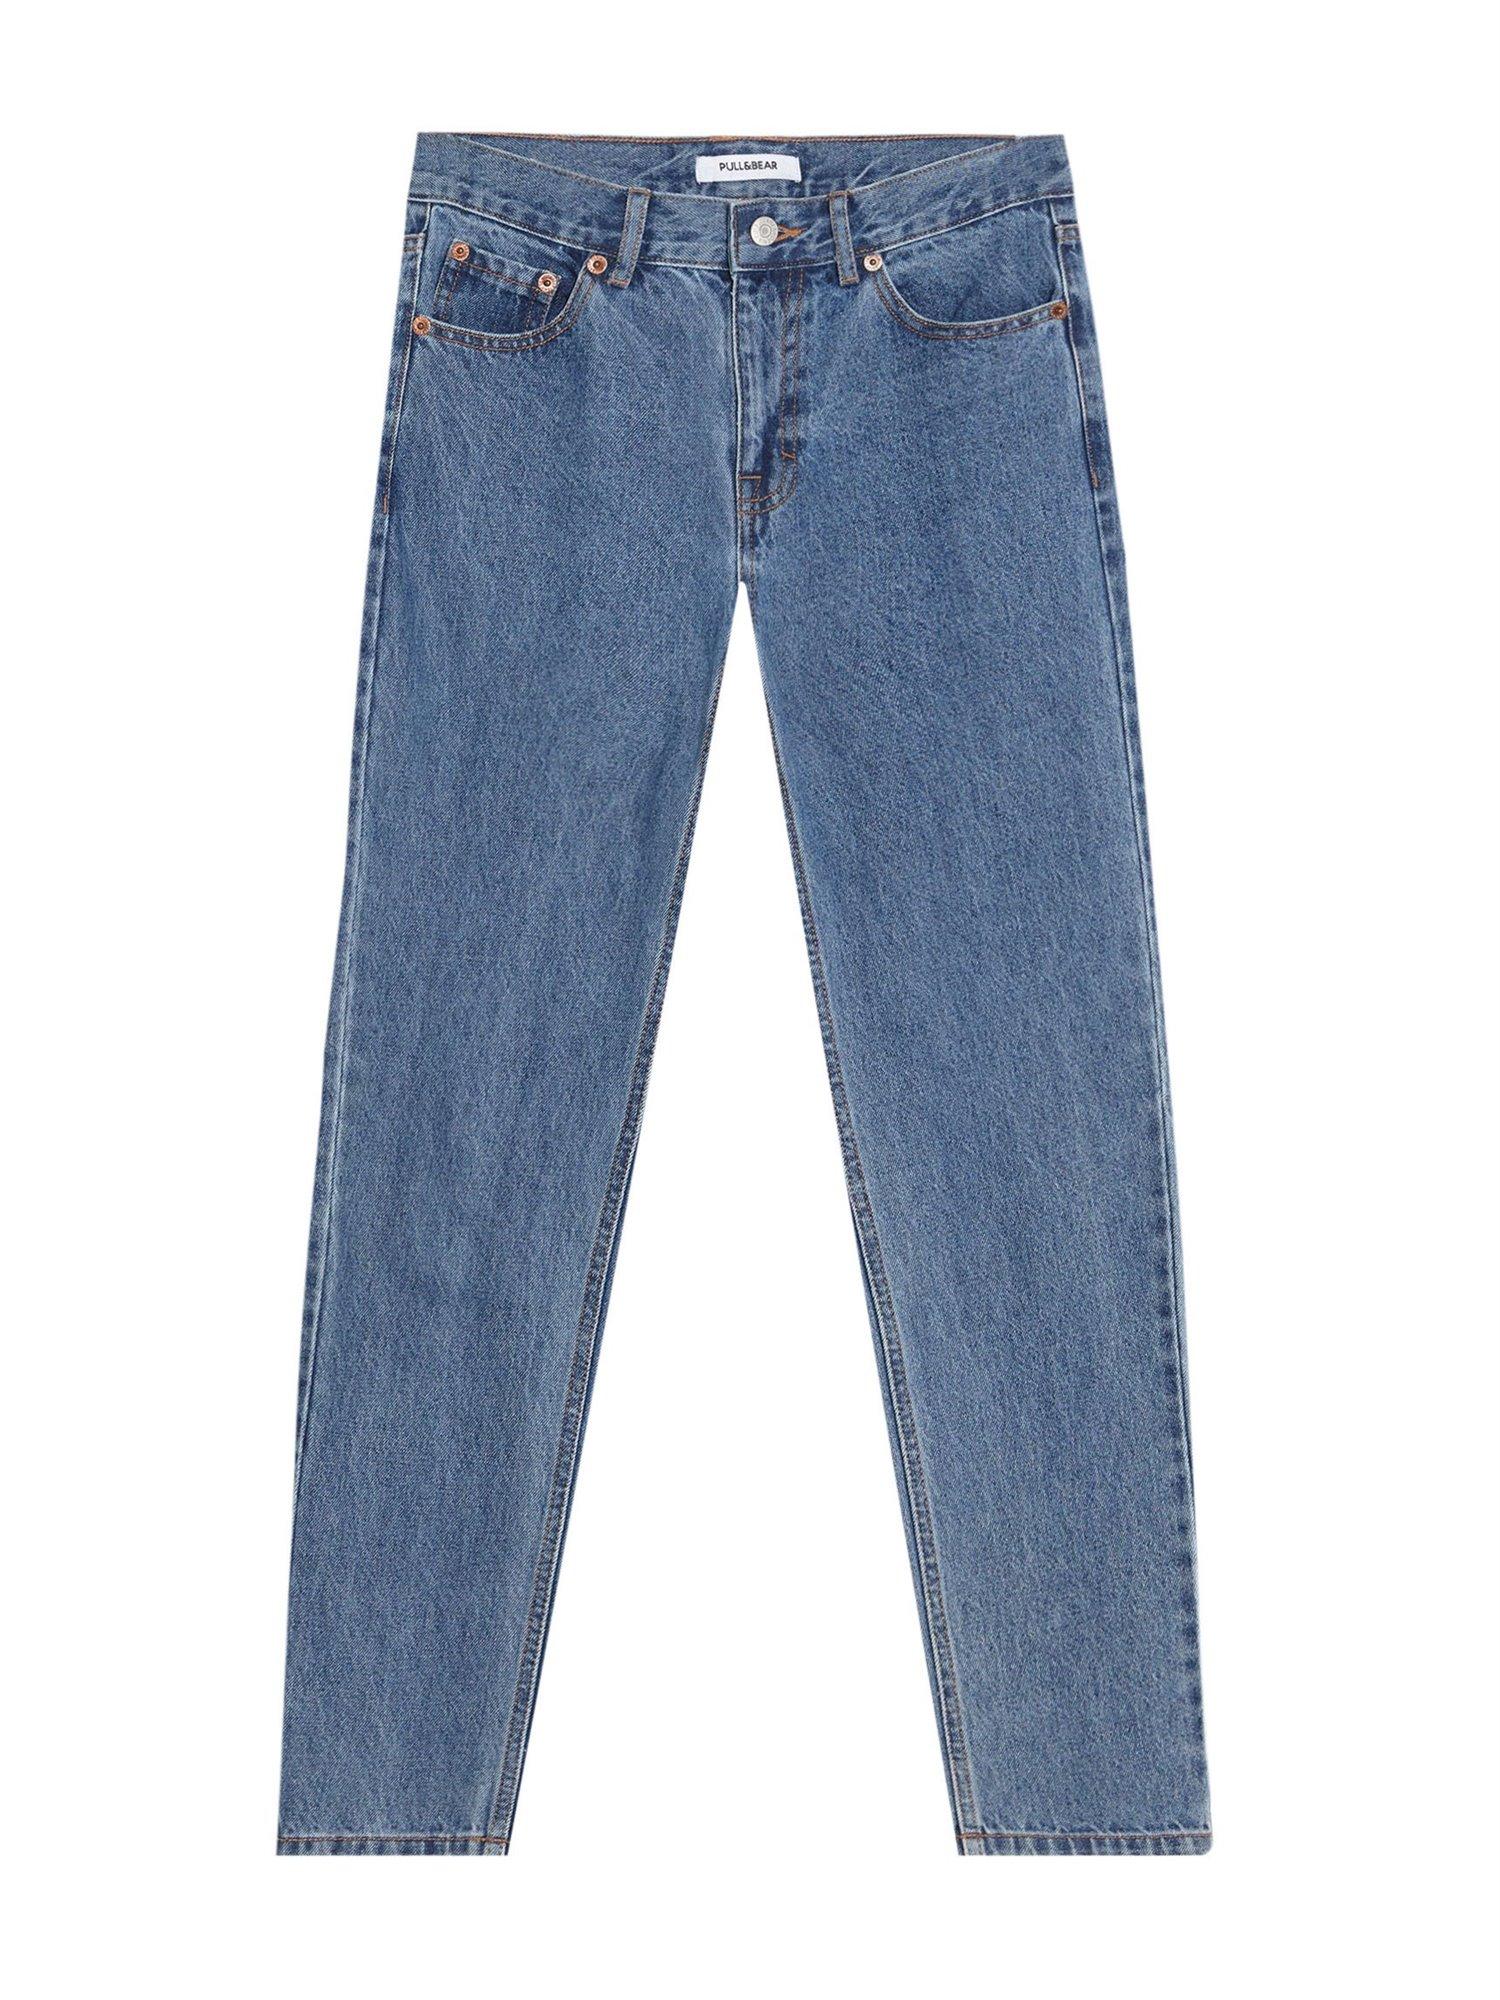 2bee537f5e Vaqueros rectos  los pantalones de mujer que favorecen ¡están de ...